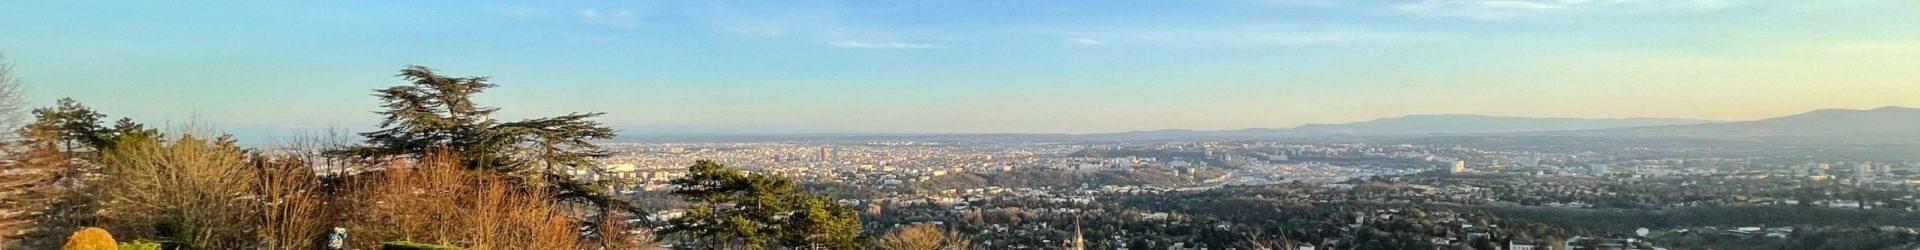 Près de Lyon : un week-end à L'Ermitage, l'impression d'être en voyage